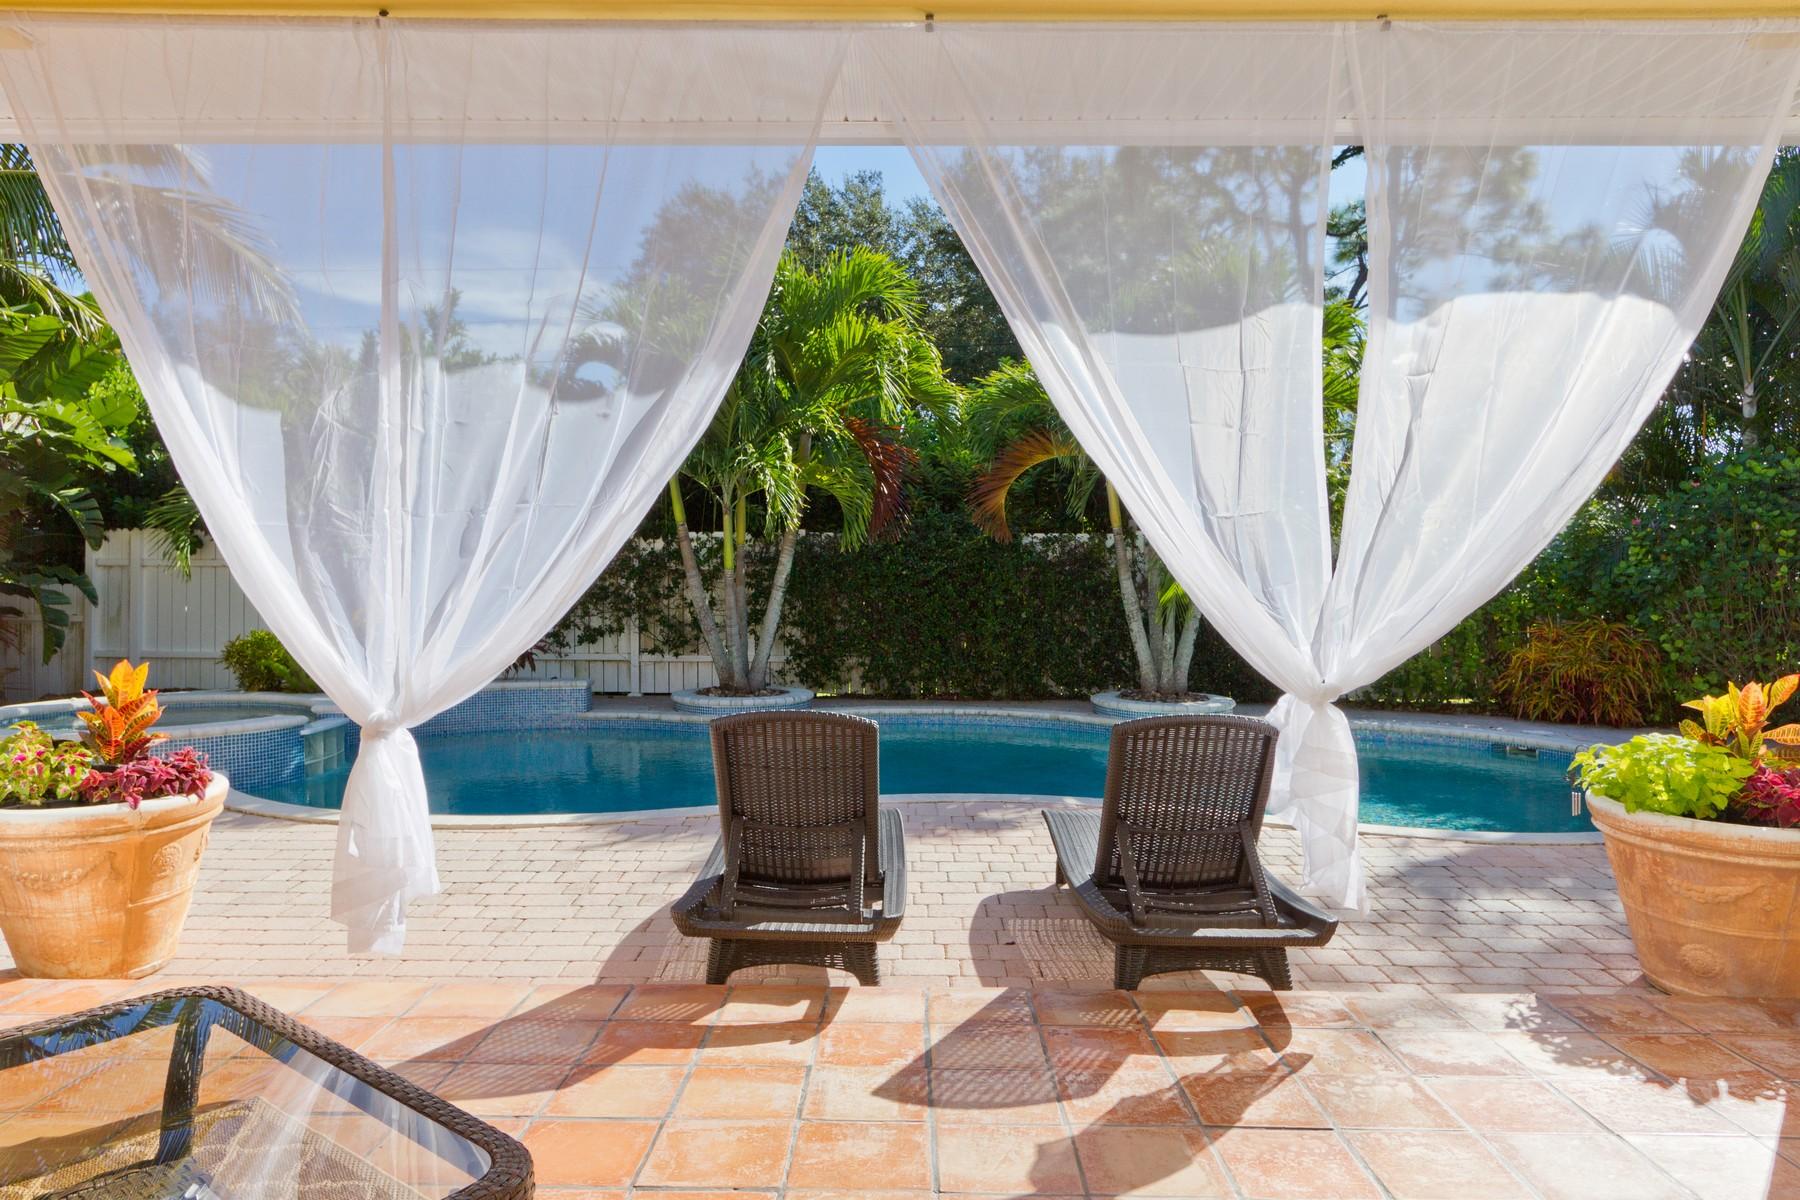 独户住宅 为 销售 在 Feel the Breeze and Be at Ease in your Own Private Resort Like Pool Oasis! 430 34th Avenue 维罗海滩, 佛罗里达州 32968 美国